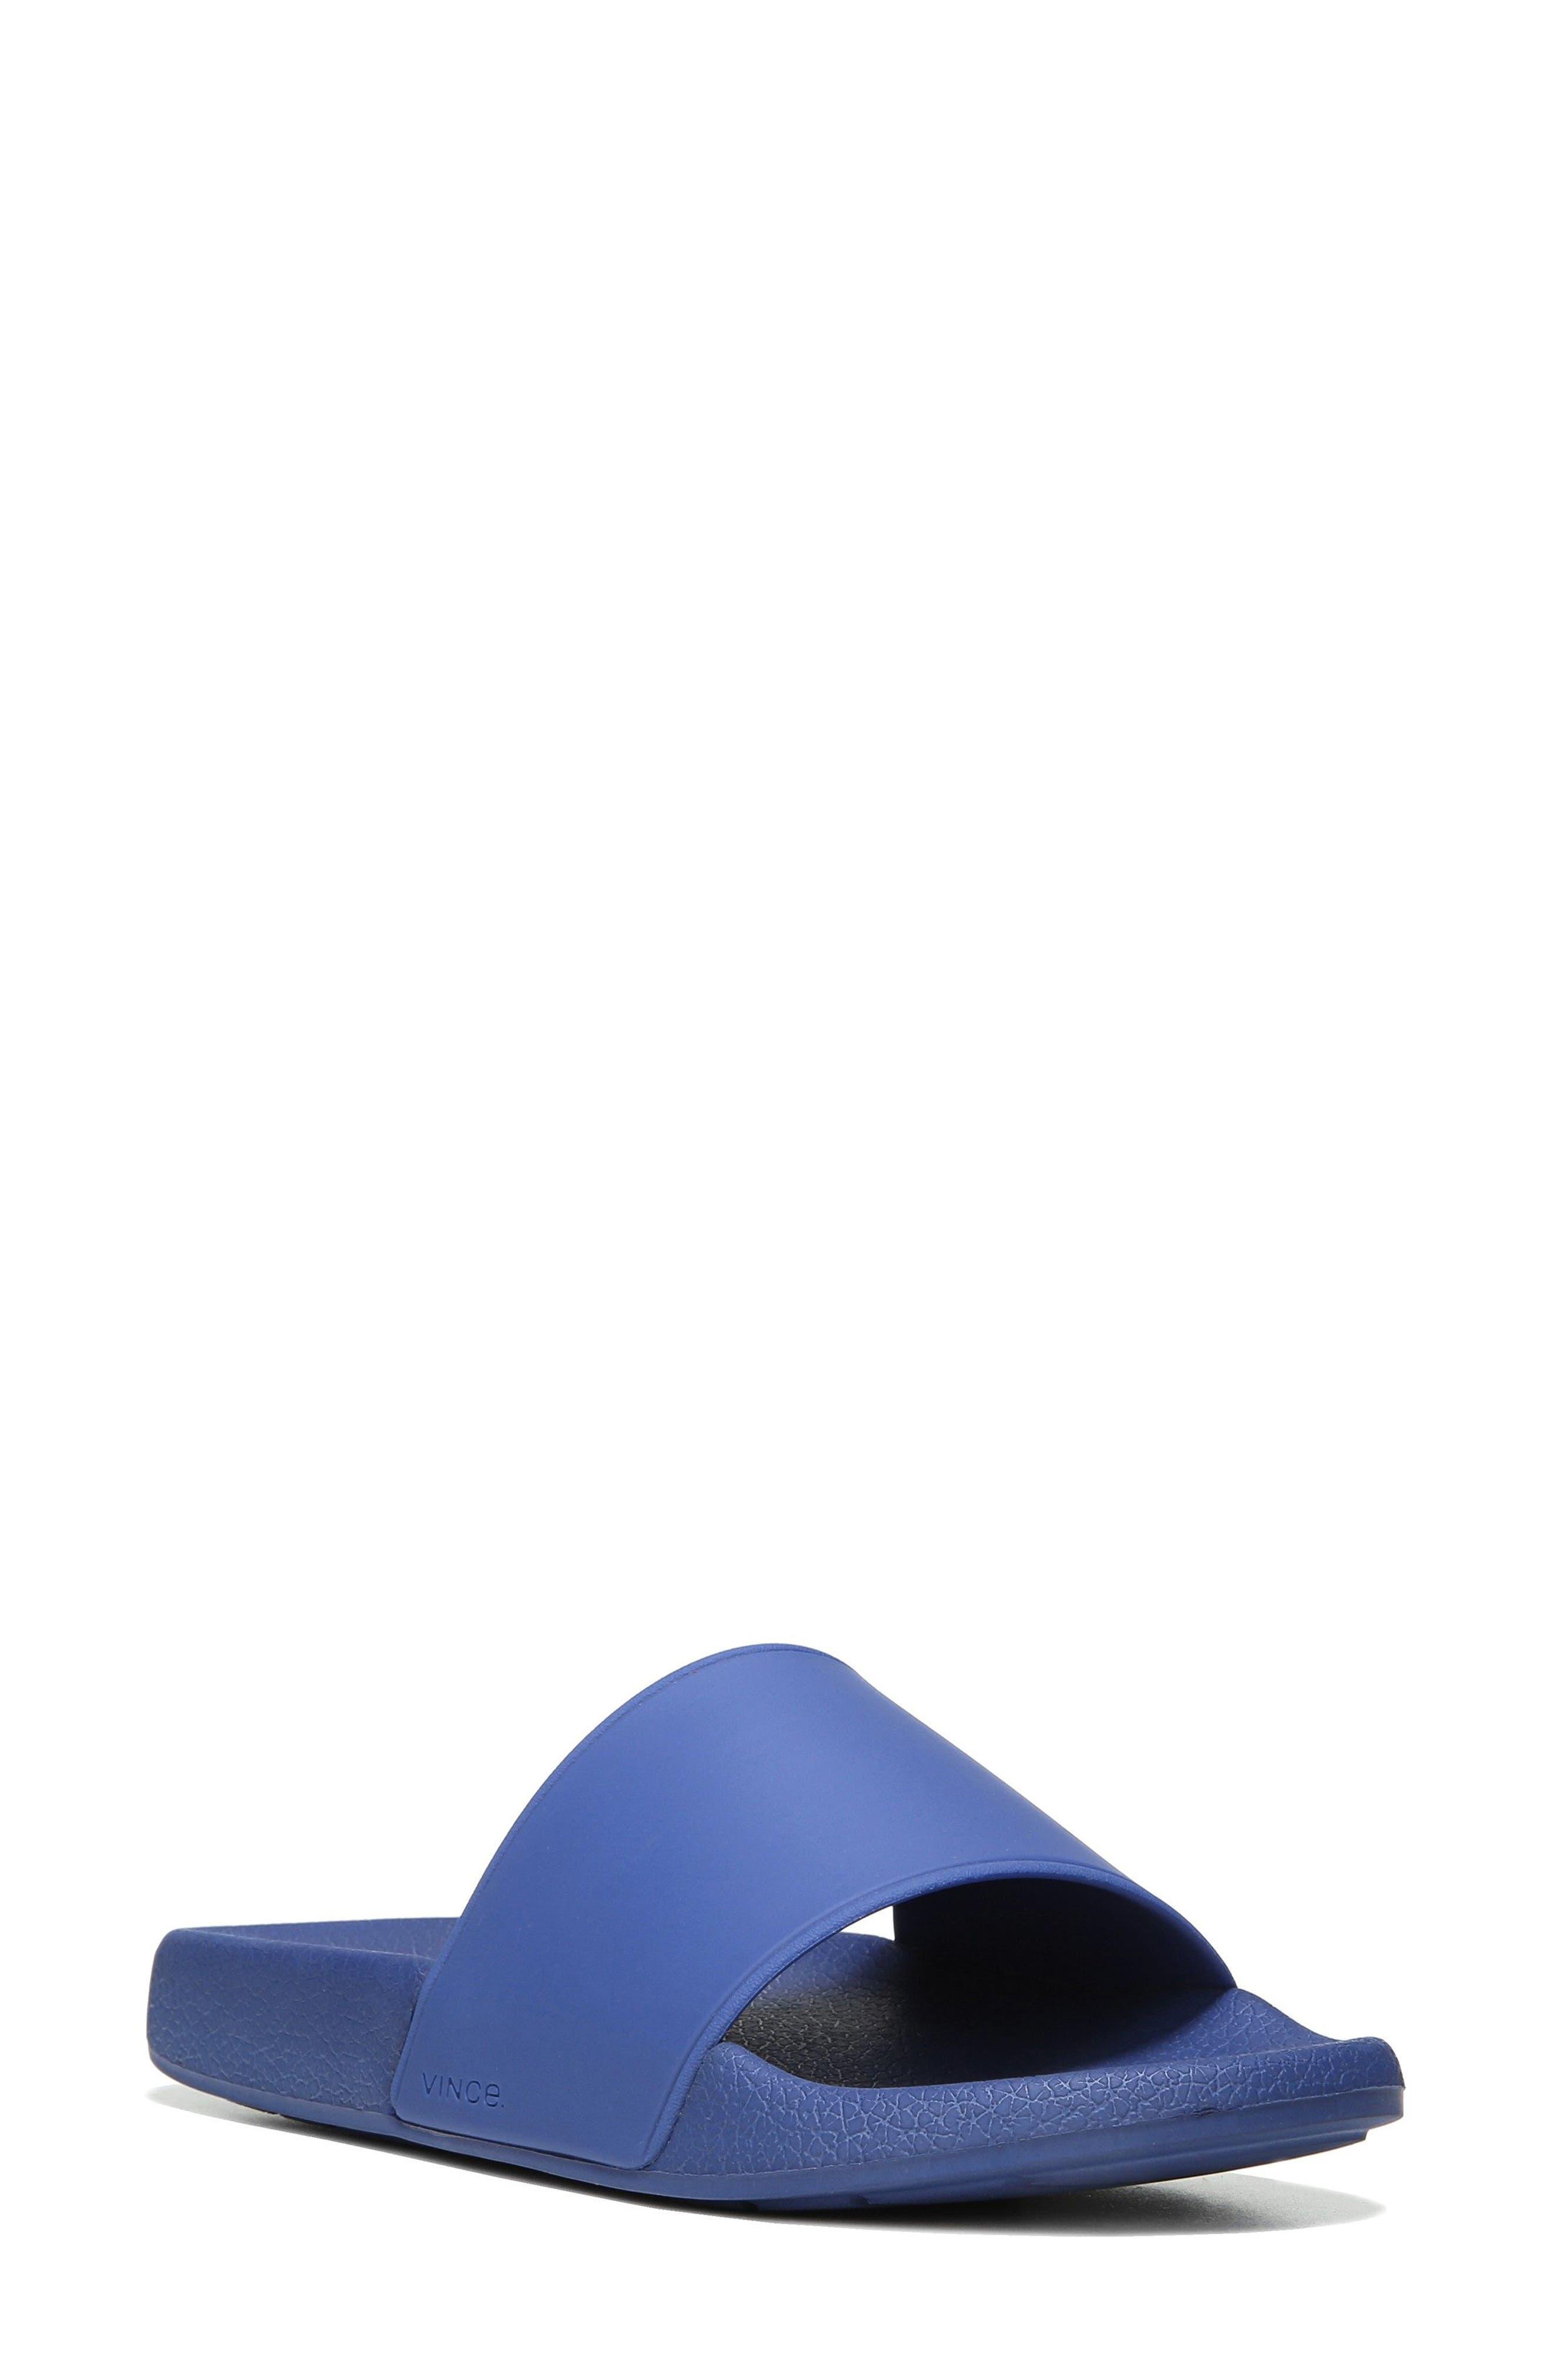 Westcoast Slide Sandal,                             Main thumbnail 6, color,